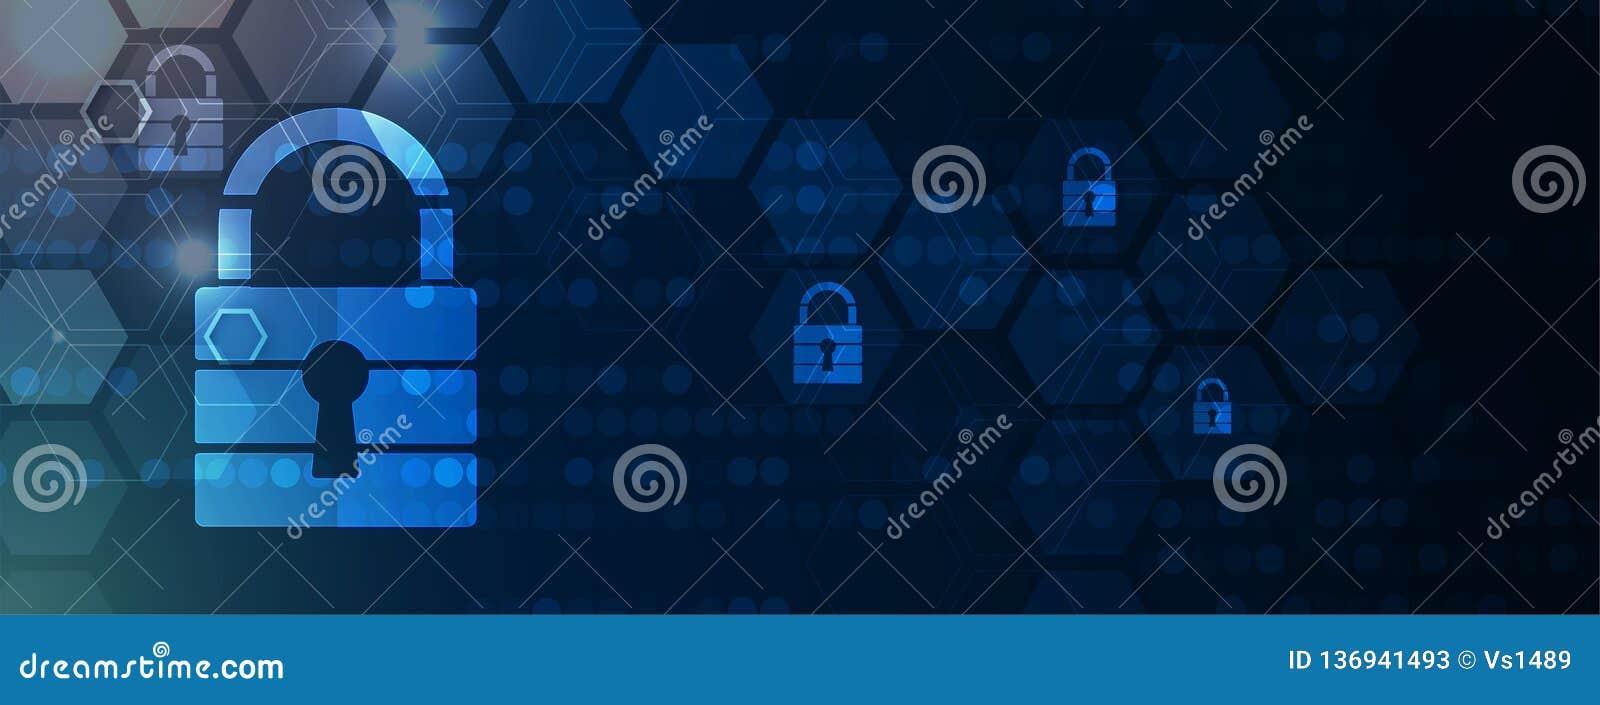 Cybersecurity e protezione della rete o di informazioni I web service futuri della tecnologia per l affare e Internet proiettano